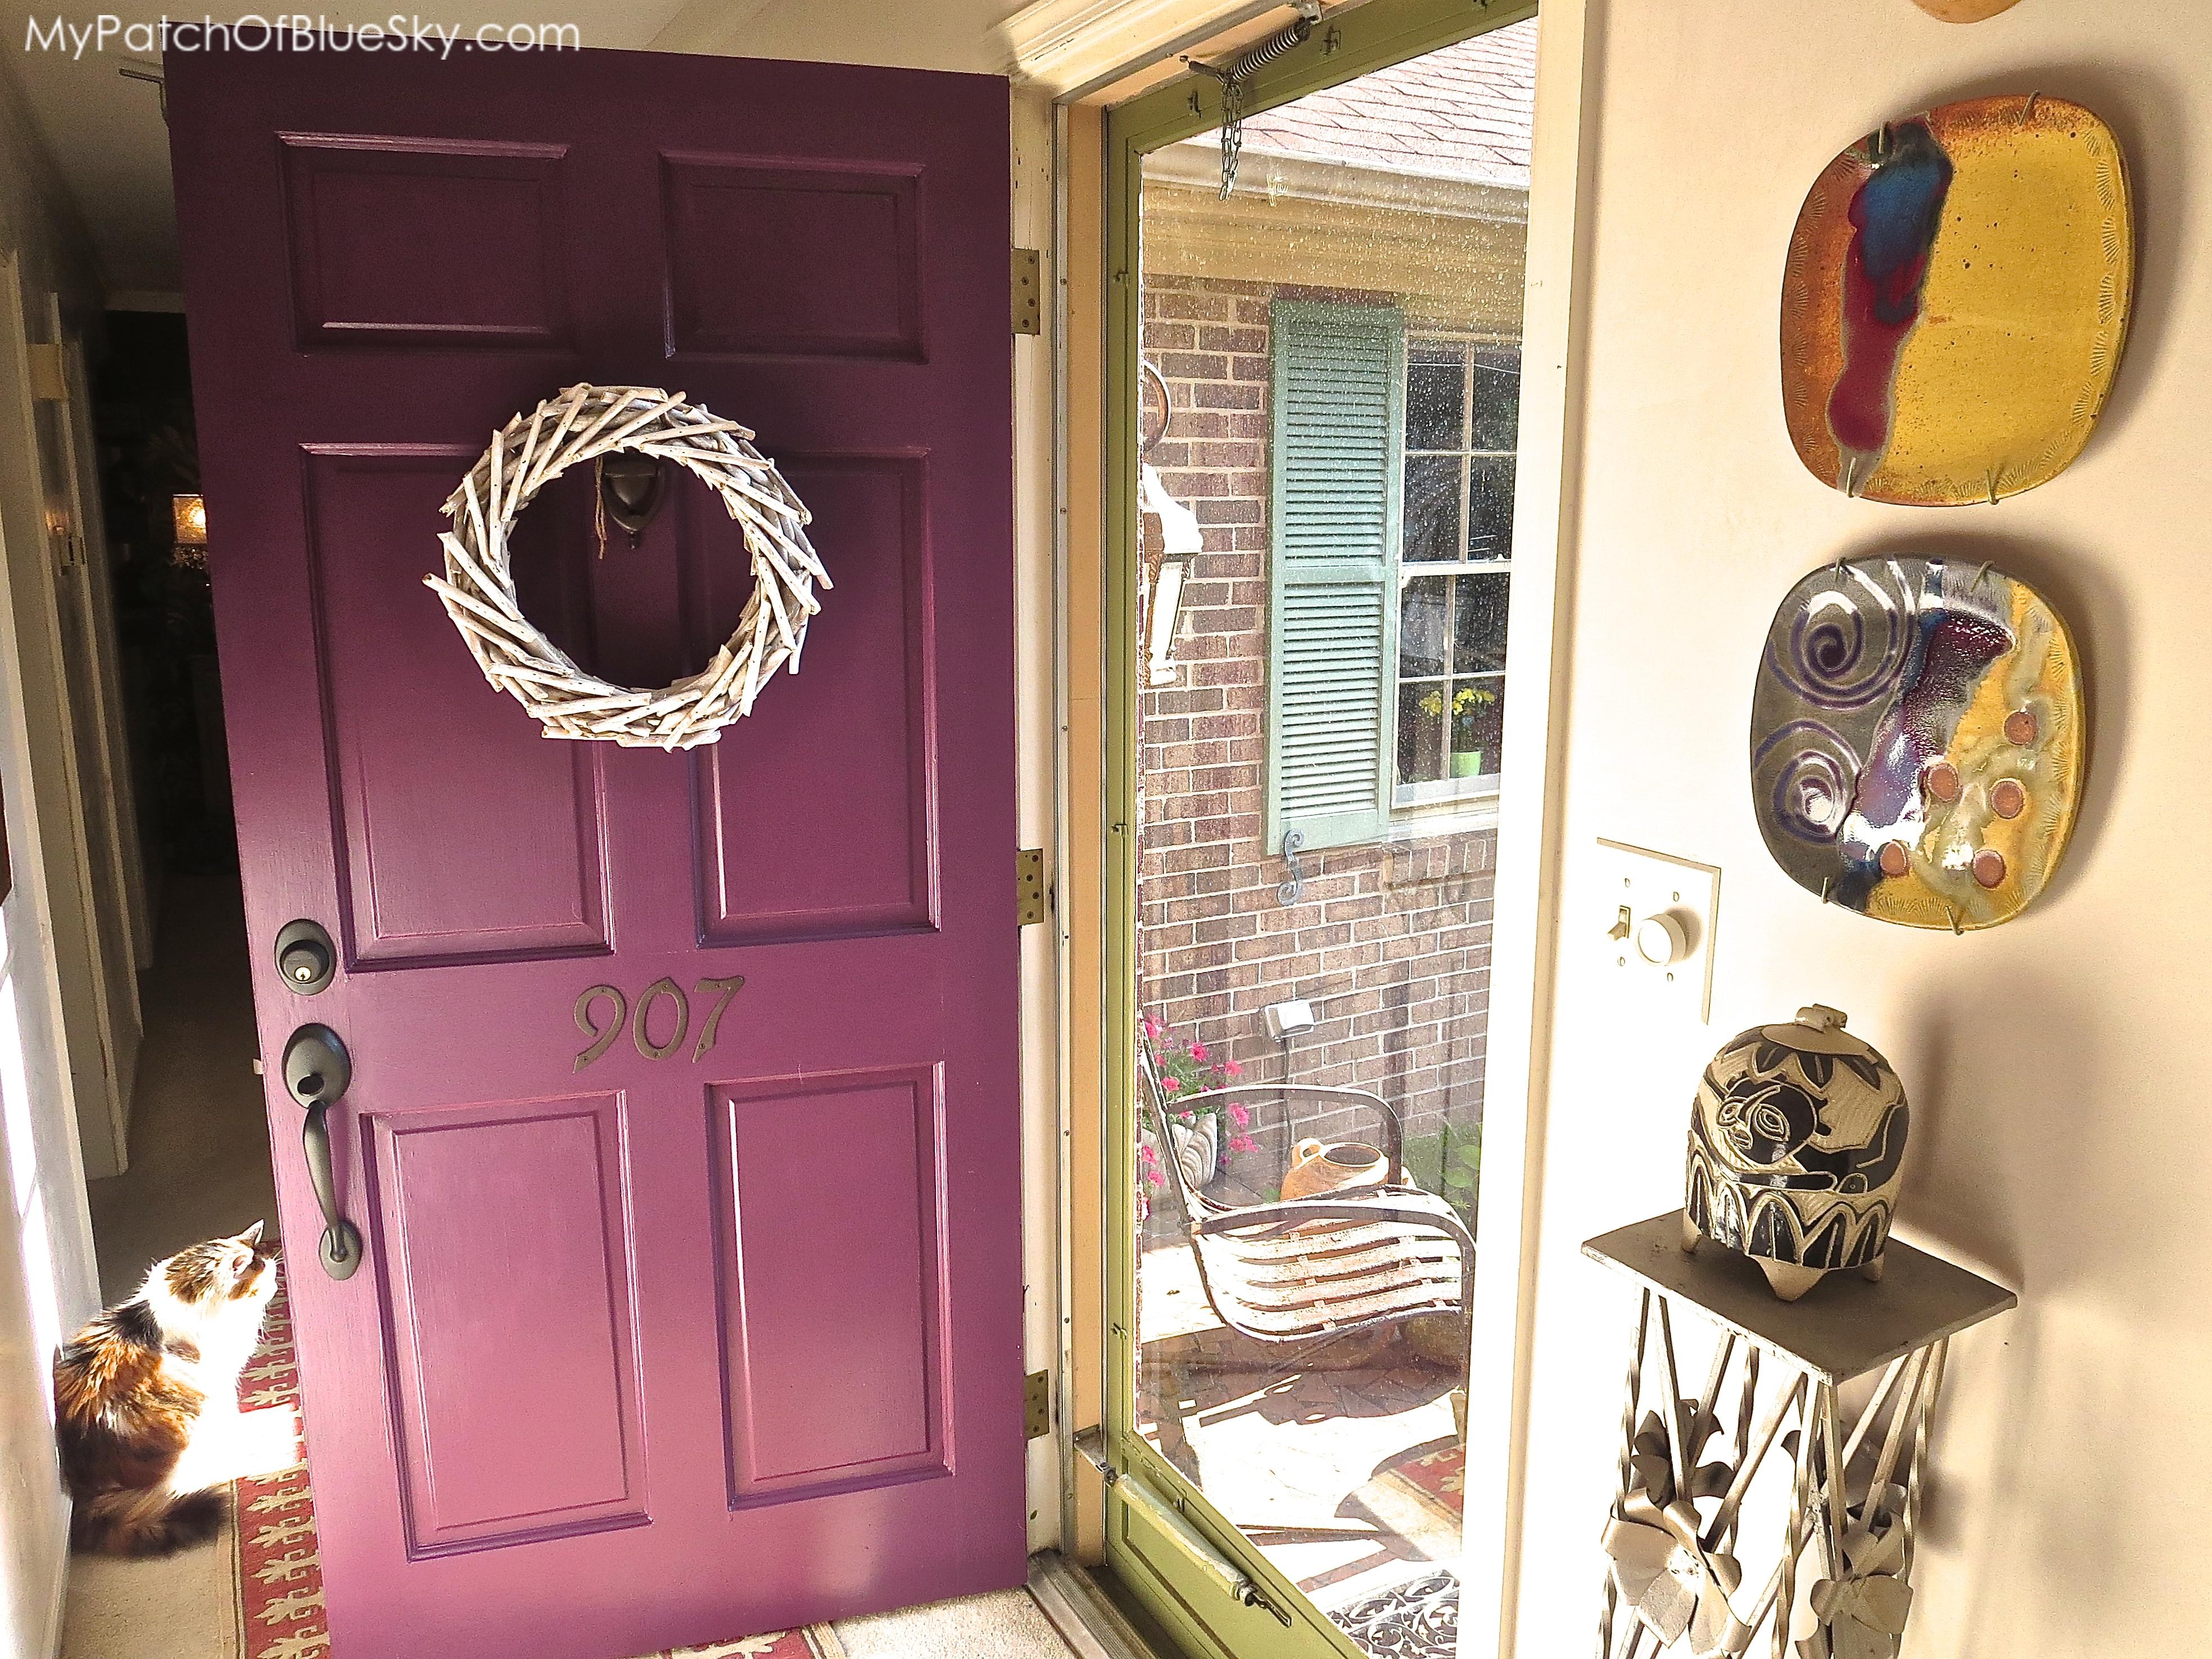 Painted front door with artwork.